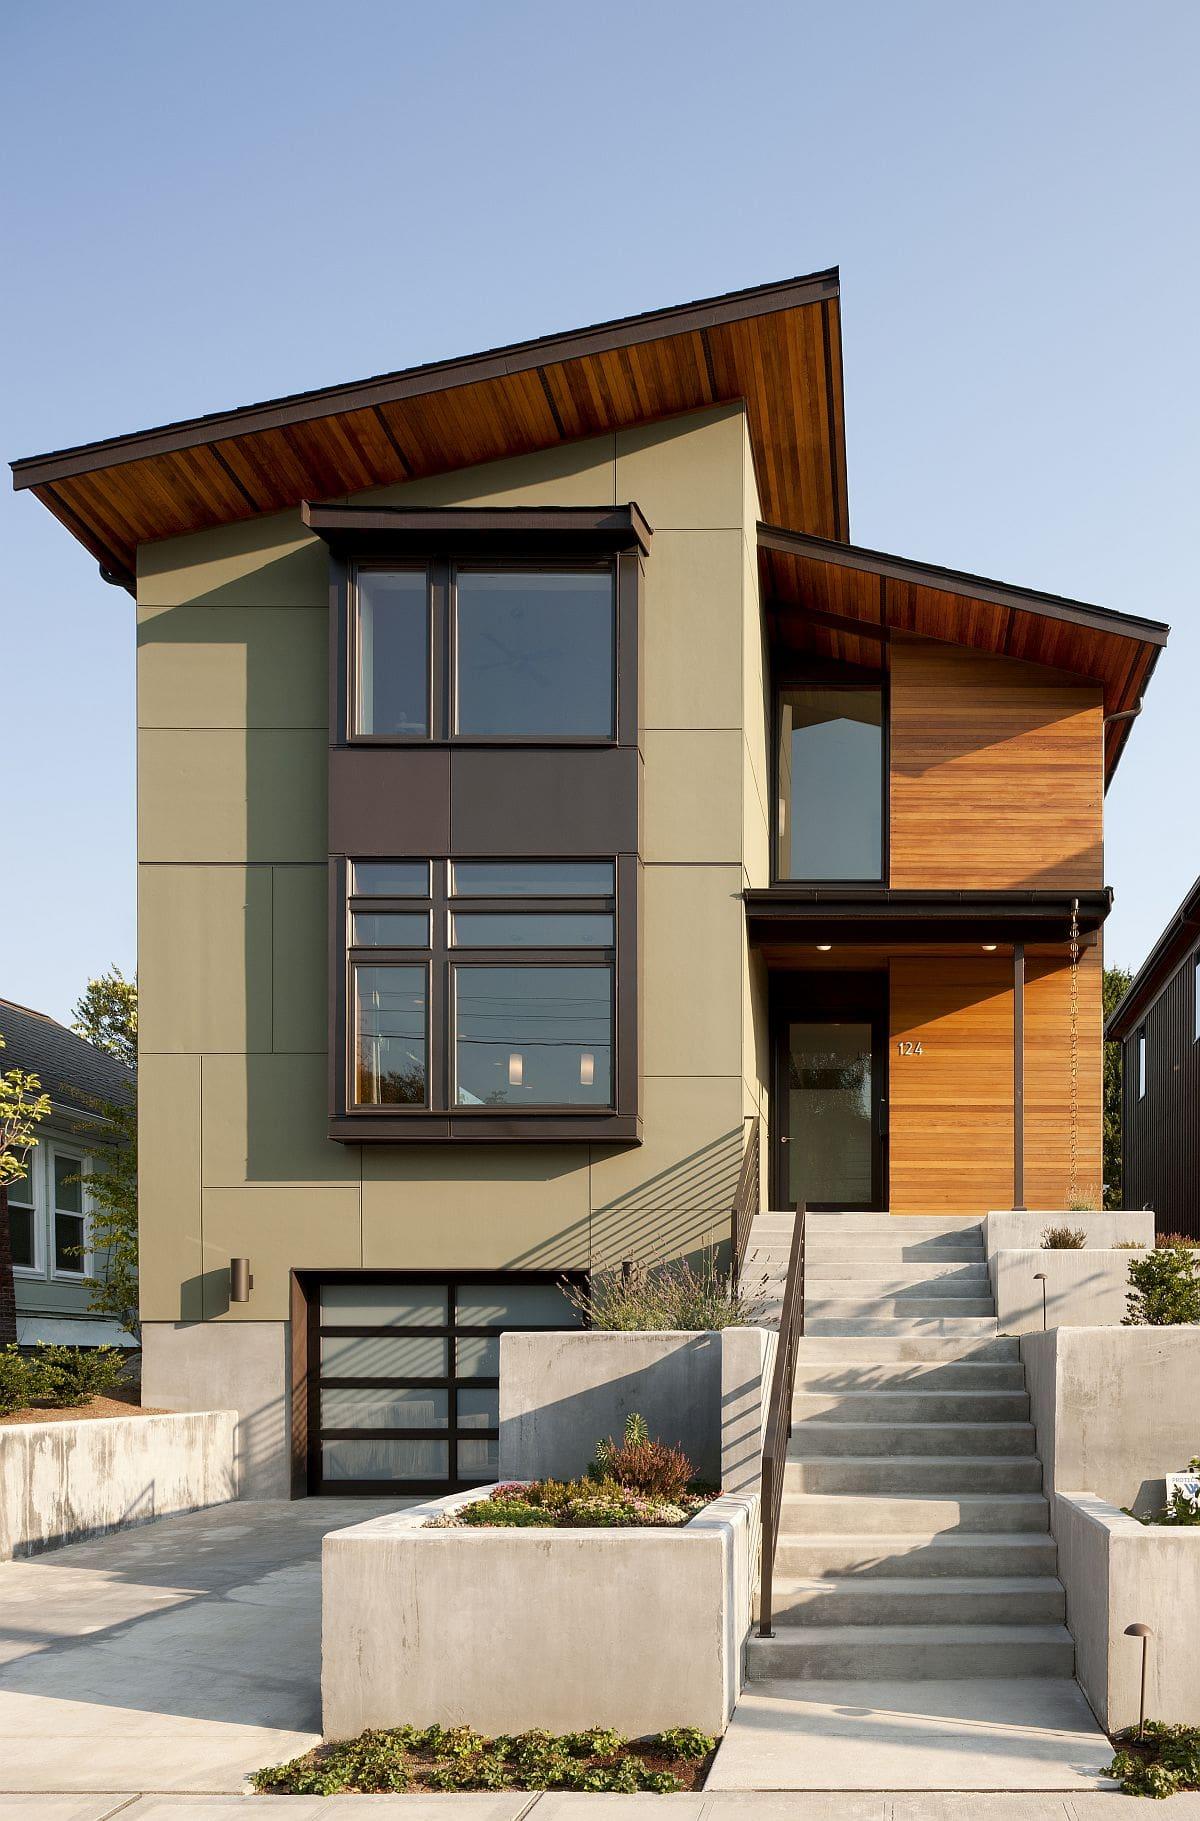 Американская мечта в современной архитектуре